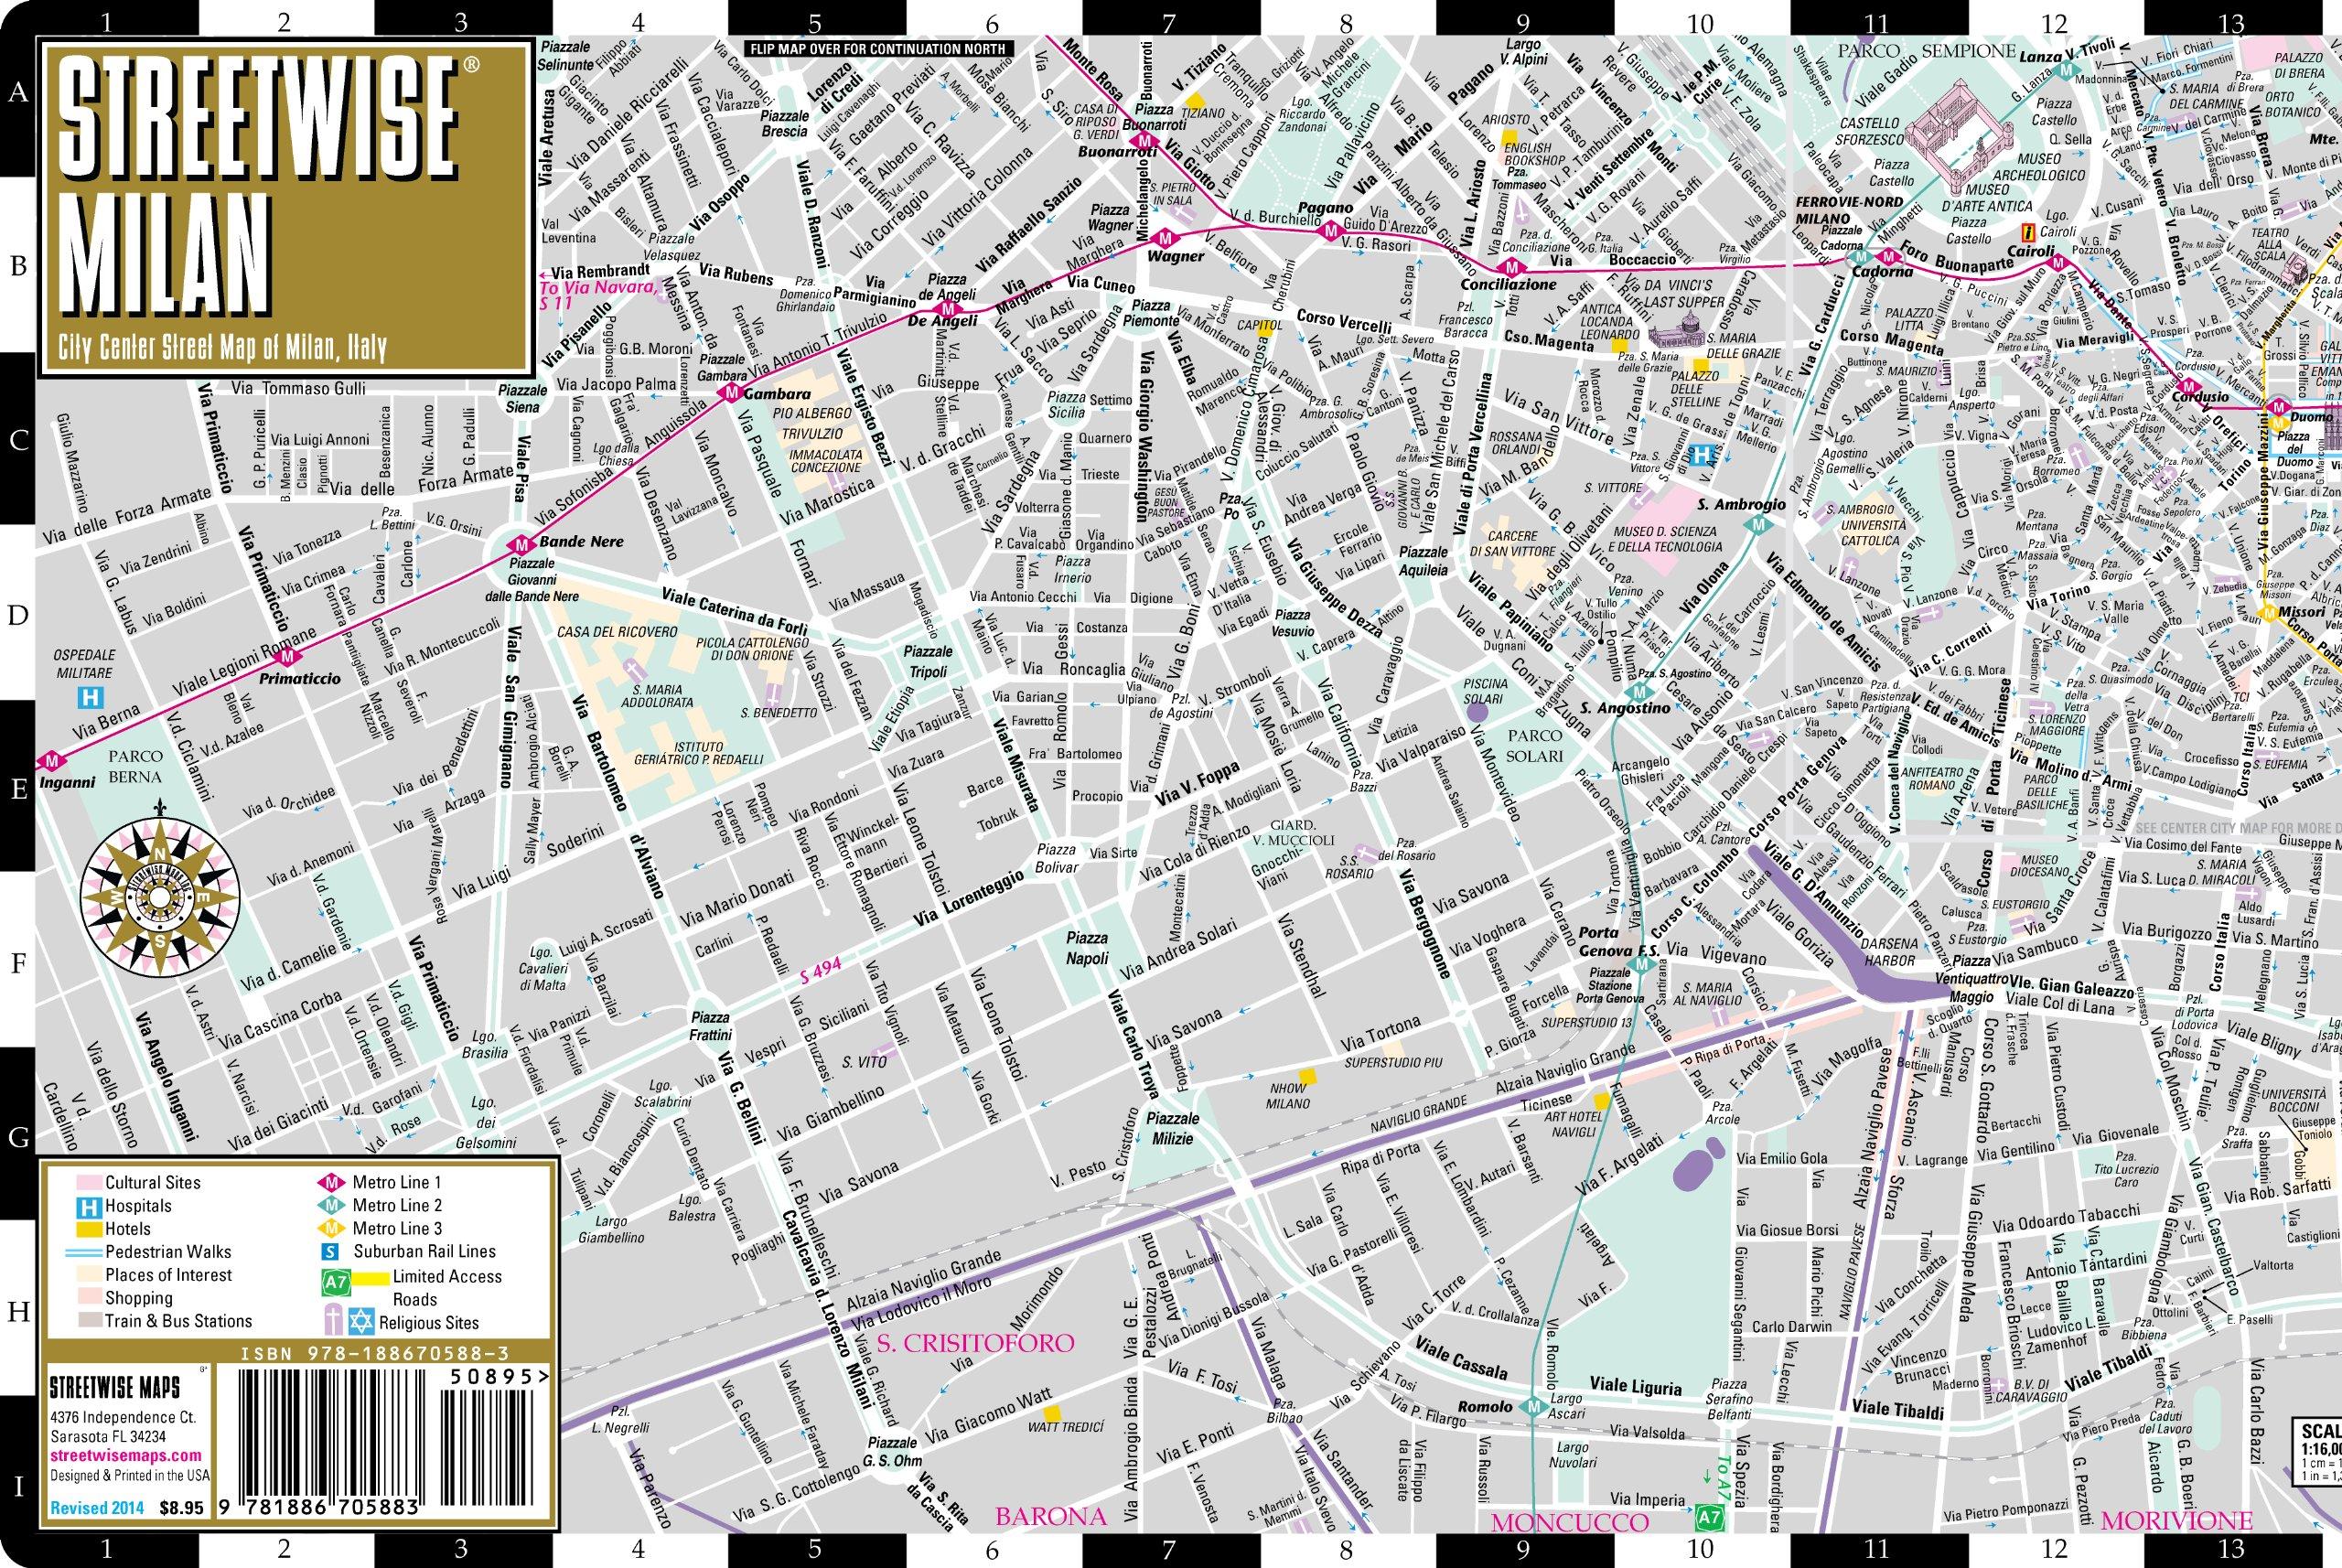 Streetwise Roma Mapa - laminado Centro de la ciudad callejero de Roma, Italia - Bolsillo plegable viajes tamaño